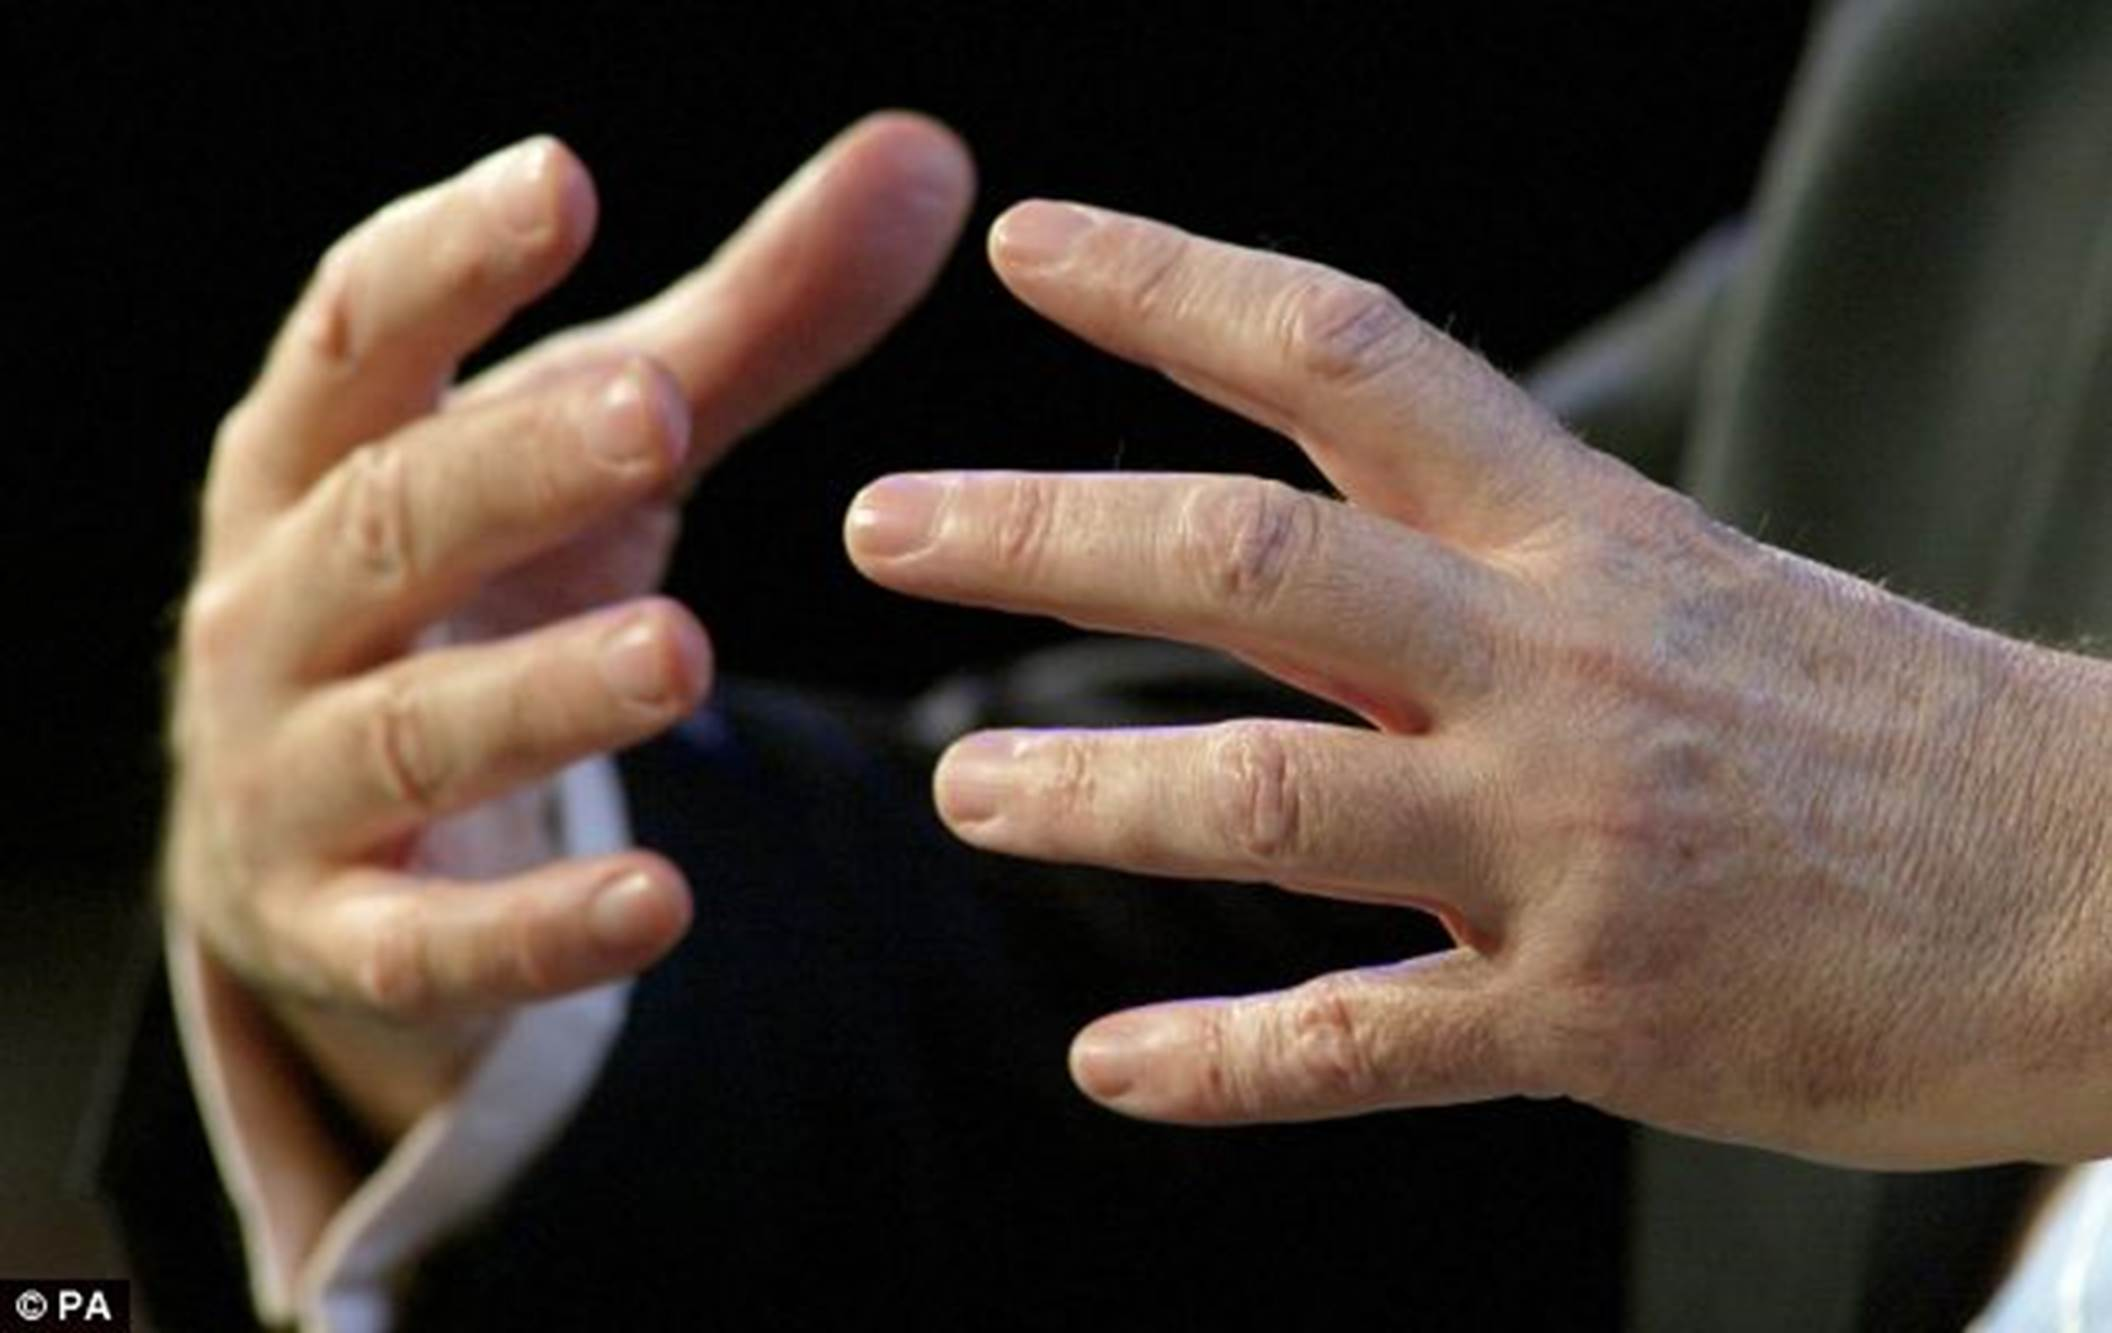 Социальный работник в Кисловодске мошеннически нажил миллион на инвалидах